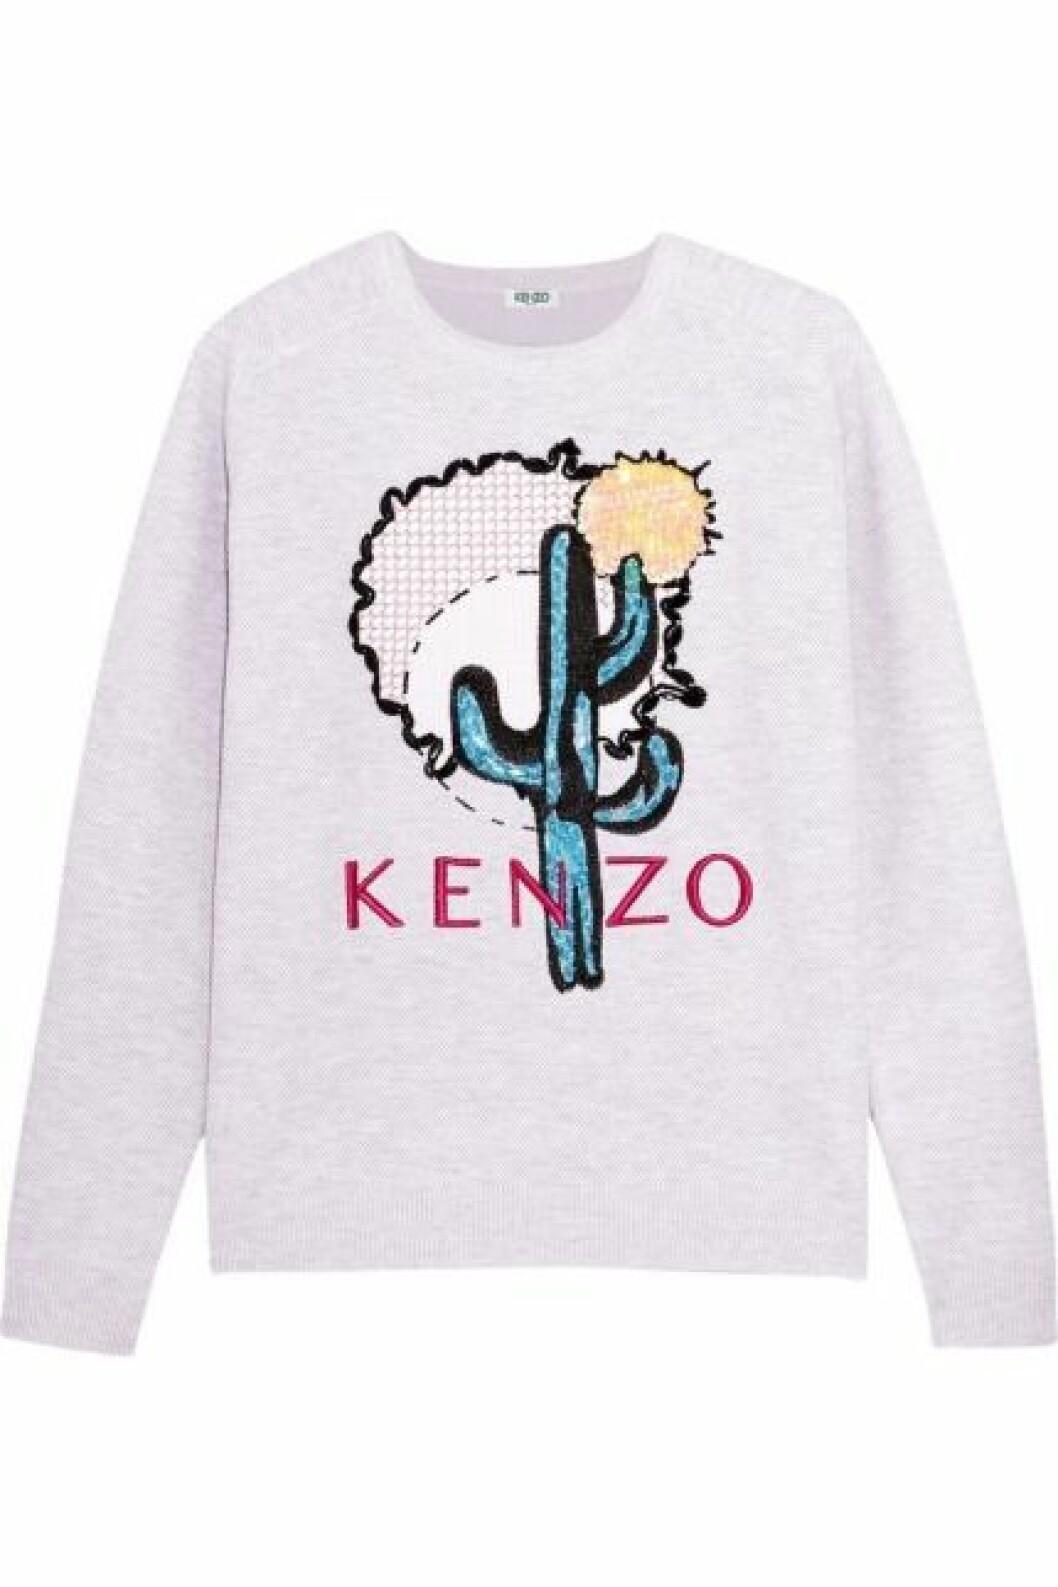 kenzo tröja